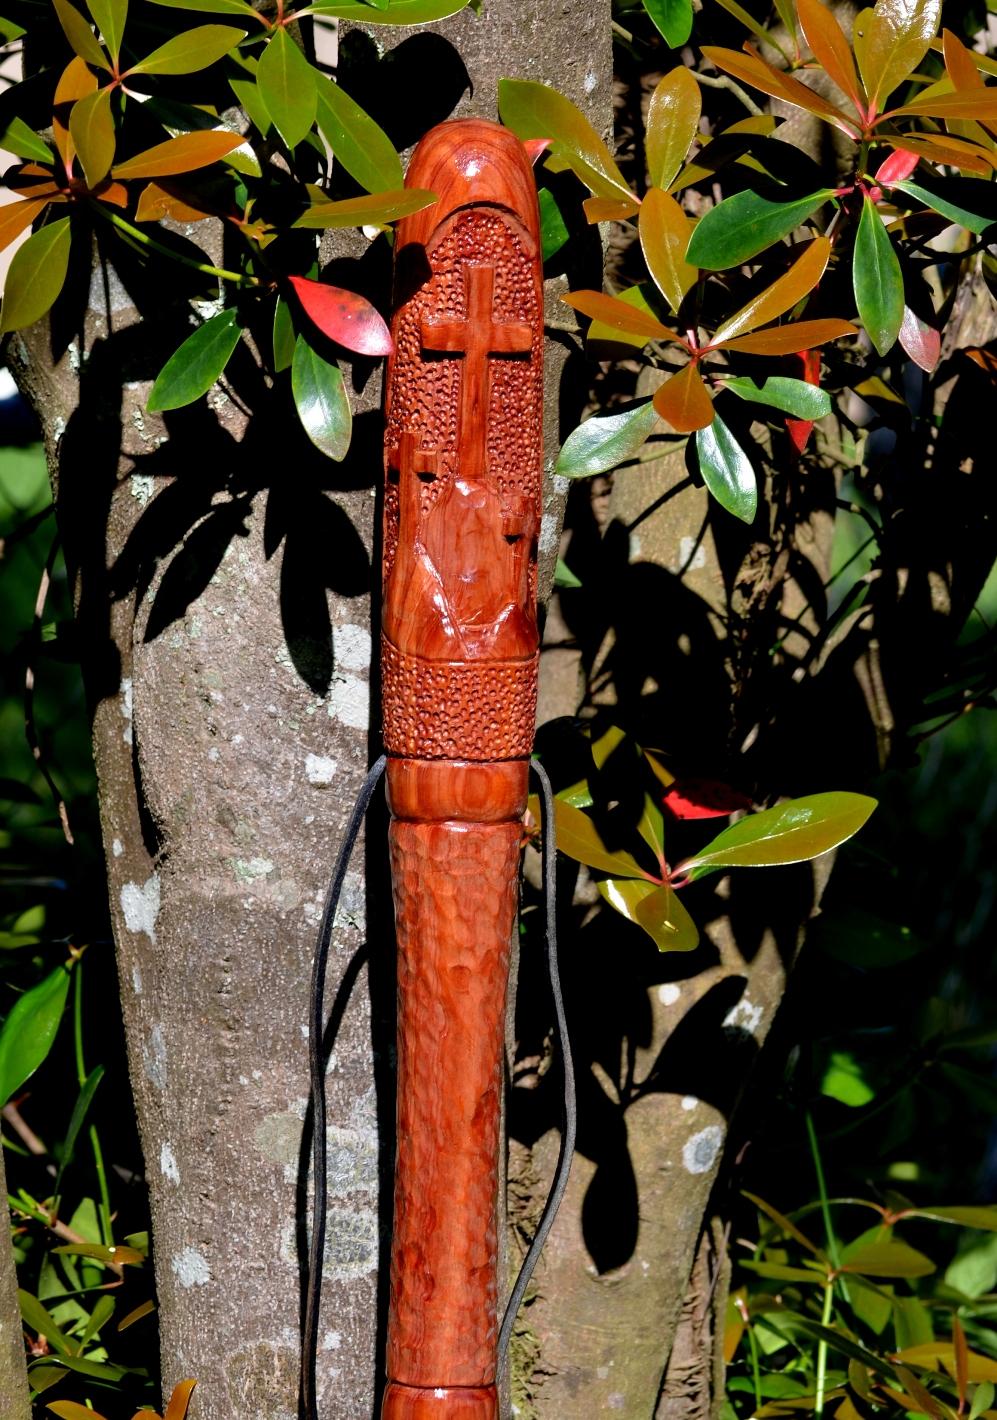 Pastor stick 003 - Copy - Copy.jpg